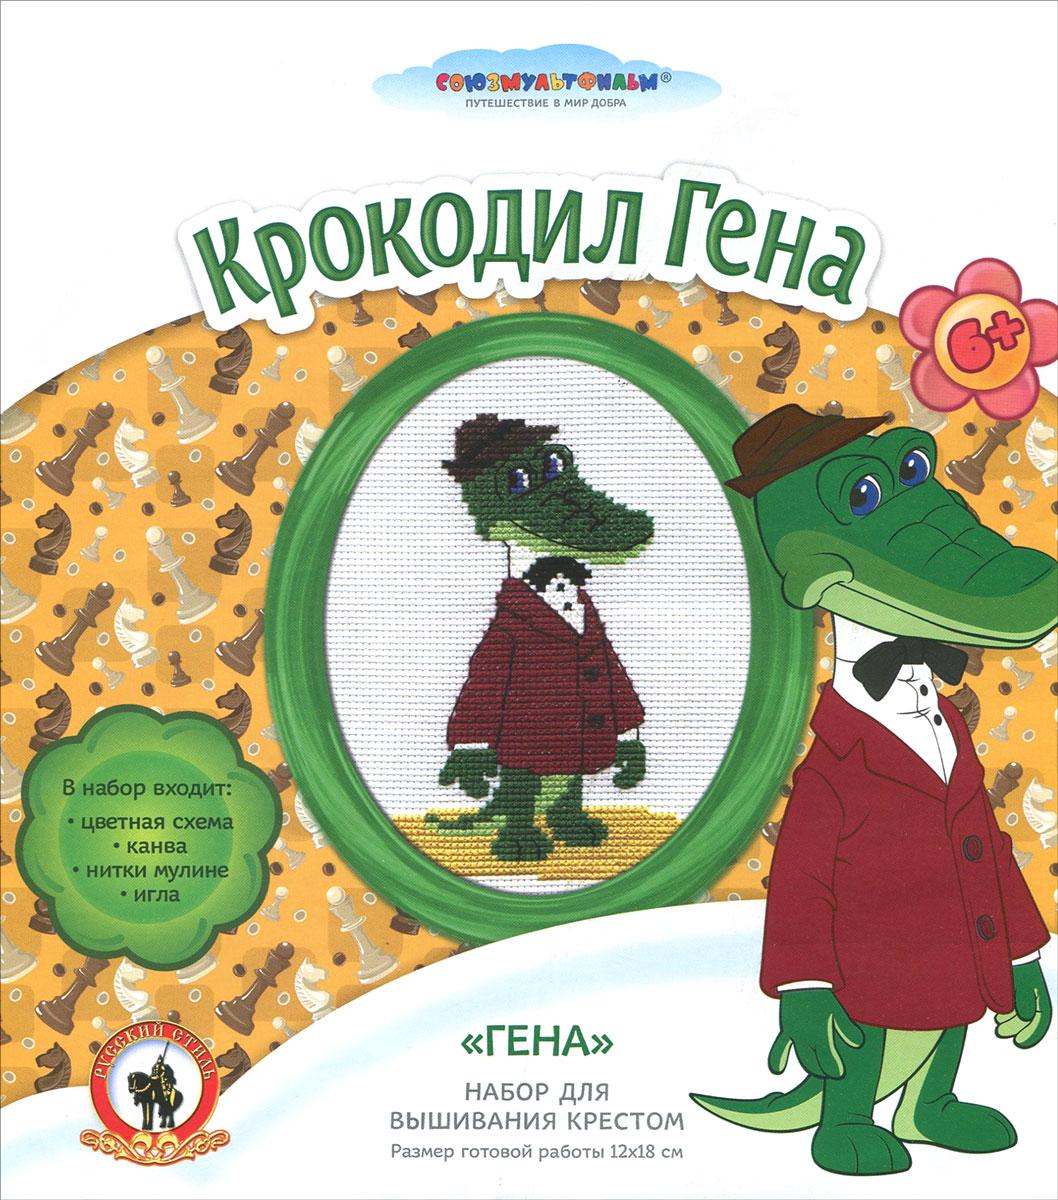 """Новинка для любителей вышивки крестиком - набор Русский стиль """"Крокодил Гена"""" содержит все необходимое для вышивания картины с крокодилом Геной в шляпе и костюме. Вышивка крестиком - один из увлекательных видов рукоделия, знакомый всем с незапамятных времен. Набор для вышивания позволит маленькой мастерице самой создать образ героя из полюбившегося мультфильма. Вышивание крестиком развивает у ребенка хороший вкус, аккуратность, терпение и усидчивость. Вышитые картины всегда красивы и оригинальны. Готовое изделие можно повесить на стену! В набор входят: канва, нитки мулине, иголка, цветная схема. Дополнительно потребуются ножницы."""